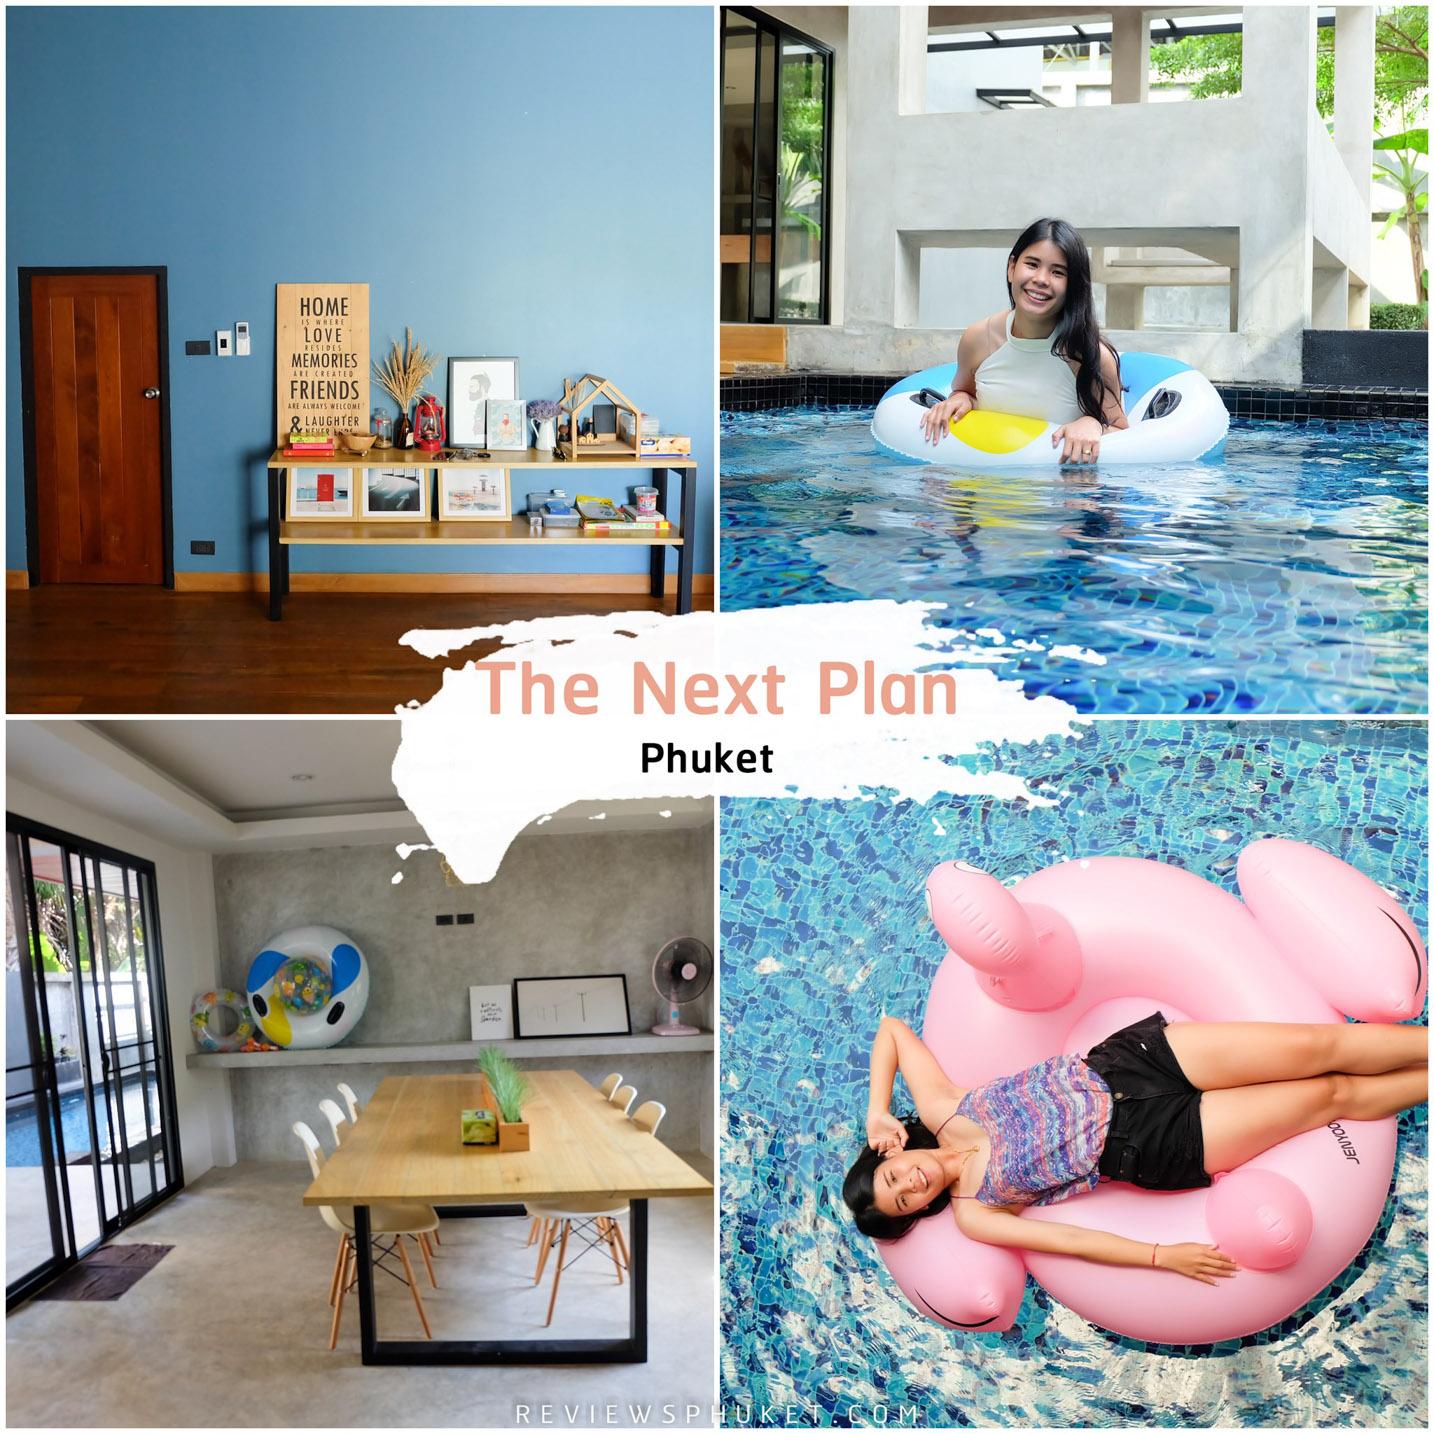 The-Next-Plan-Phuket -ที่พักน่ารักสไตล์มินิมอล-จะมากับเพื่อน-กับแฟน-กับครอบครัวก็ได้หมดด-ที่พักสไตล์-Loft-ดูเรียบสบายตาง่ายๆ--เป็น-Pool-villa-เนื้อที่ทั้งหมด-500--ตารางเมตร-มีทั้งหมด-3-ห้องนอน,-4-ห้องน้ำ,-ห้องครัว-,สระว่ายน้ำ-และห้องนั่งเล่น,--กว้างมวากบอกเลยต้องห้ามพลาด ที่พักภูเก็ต,ที่พักหรู,วิวหลักล้าน,ริมทะเล,โรงแรม,รีสอร์ท,Phuket,หาดสวย,น้ำใส